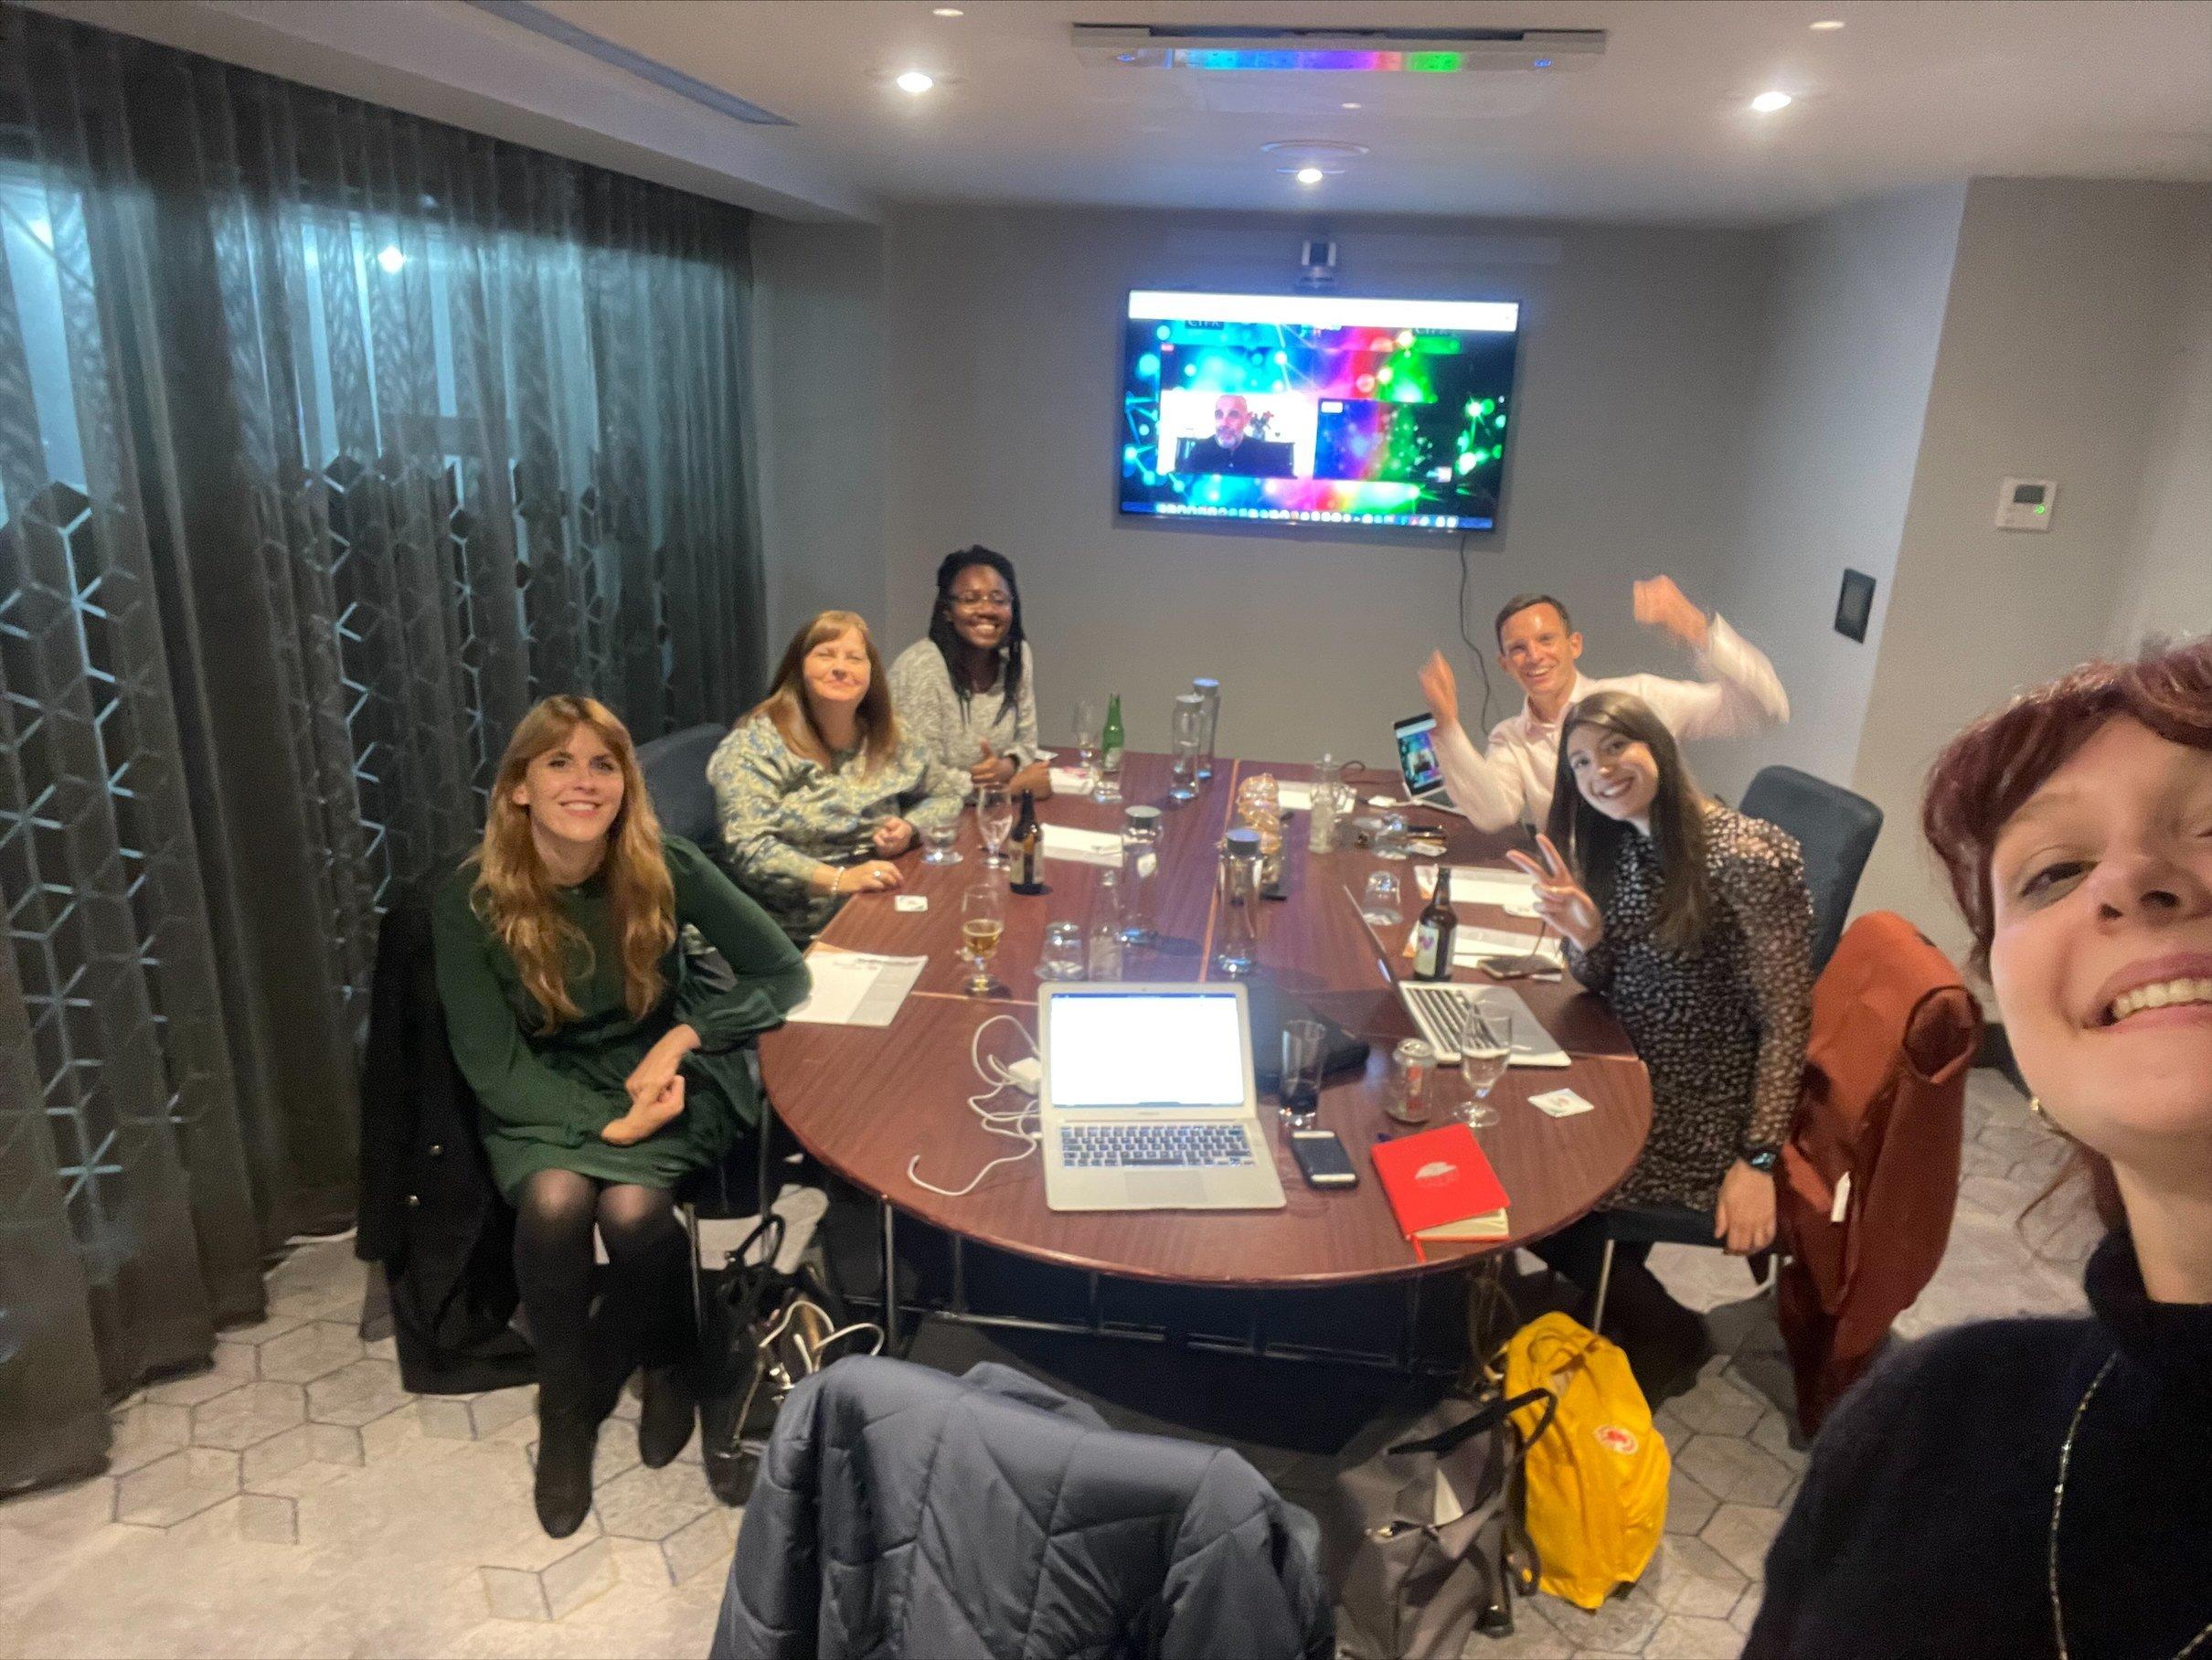 See Media team celebrate in meeting room